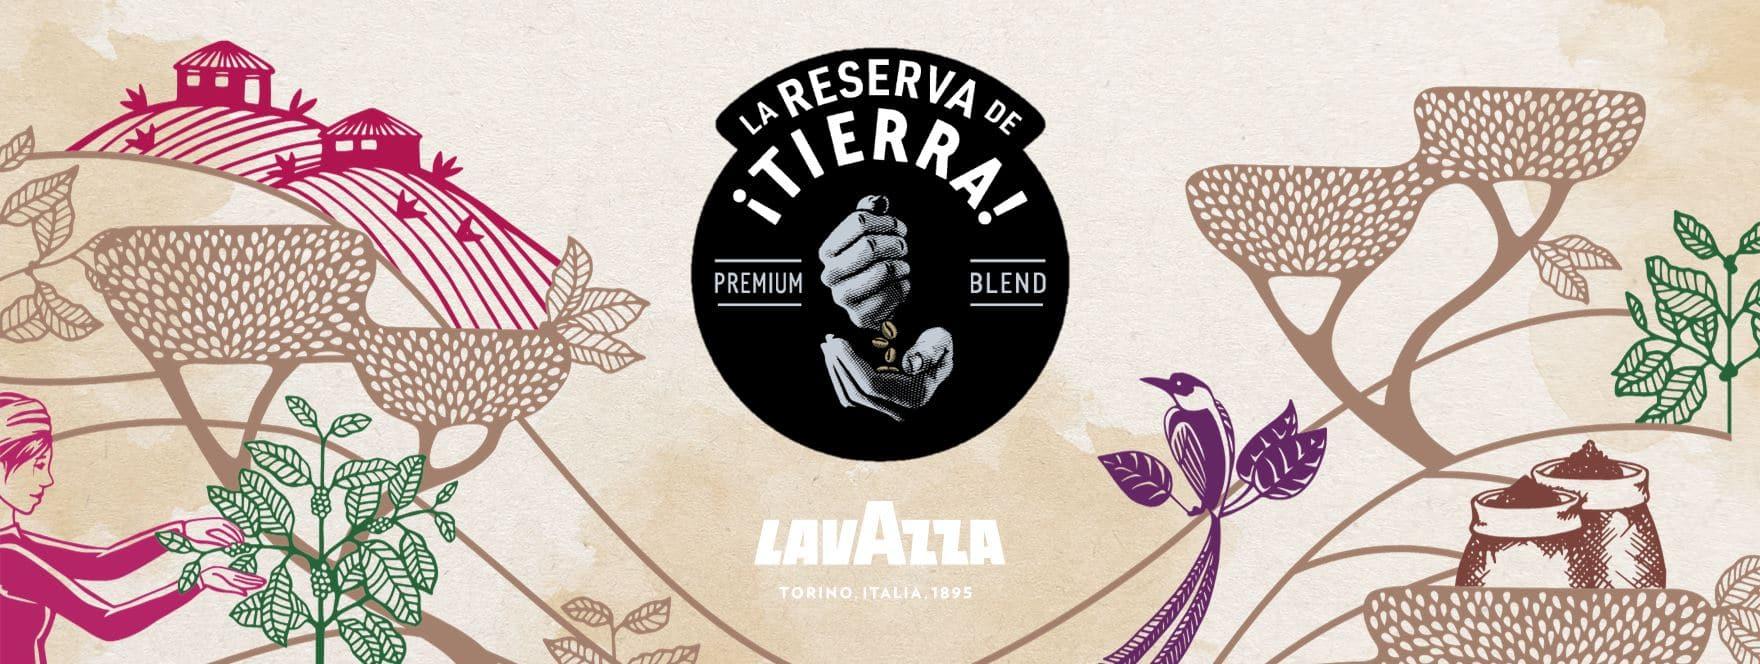 Tierra Lavazza Banner